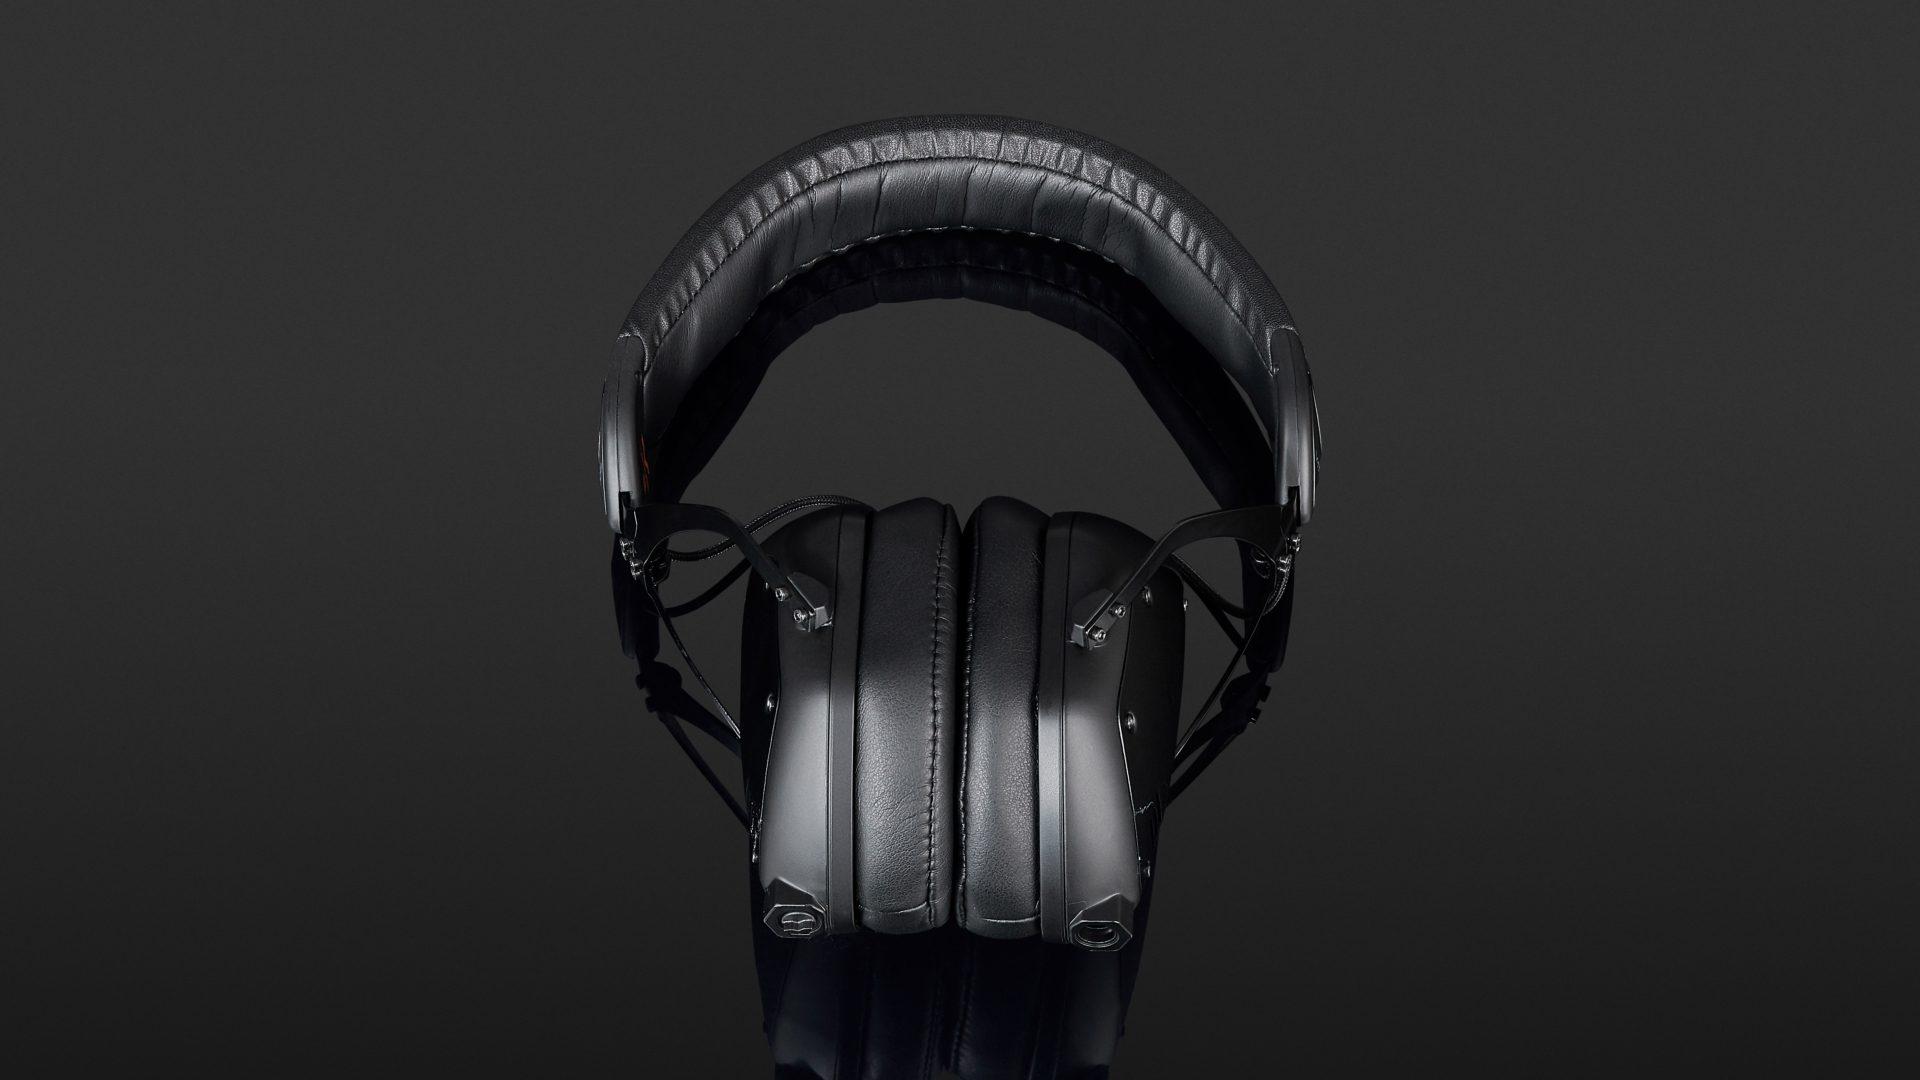 V-Moda Crossfade M-100 Master Review | headphonecheck.com